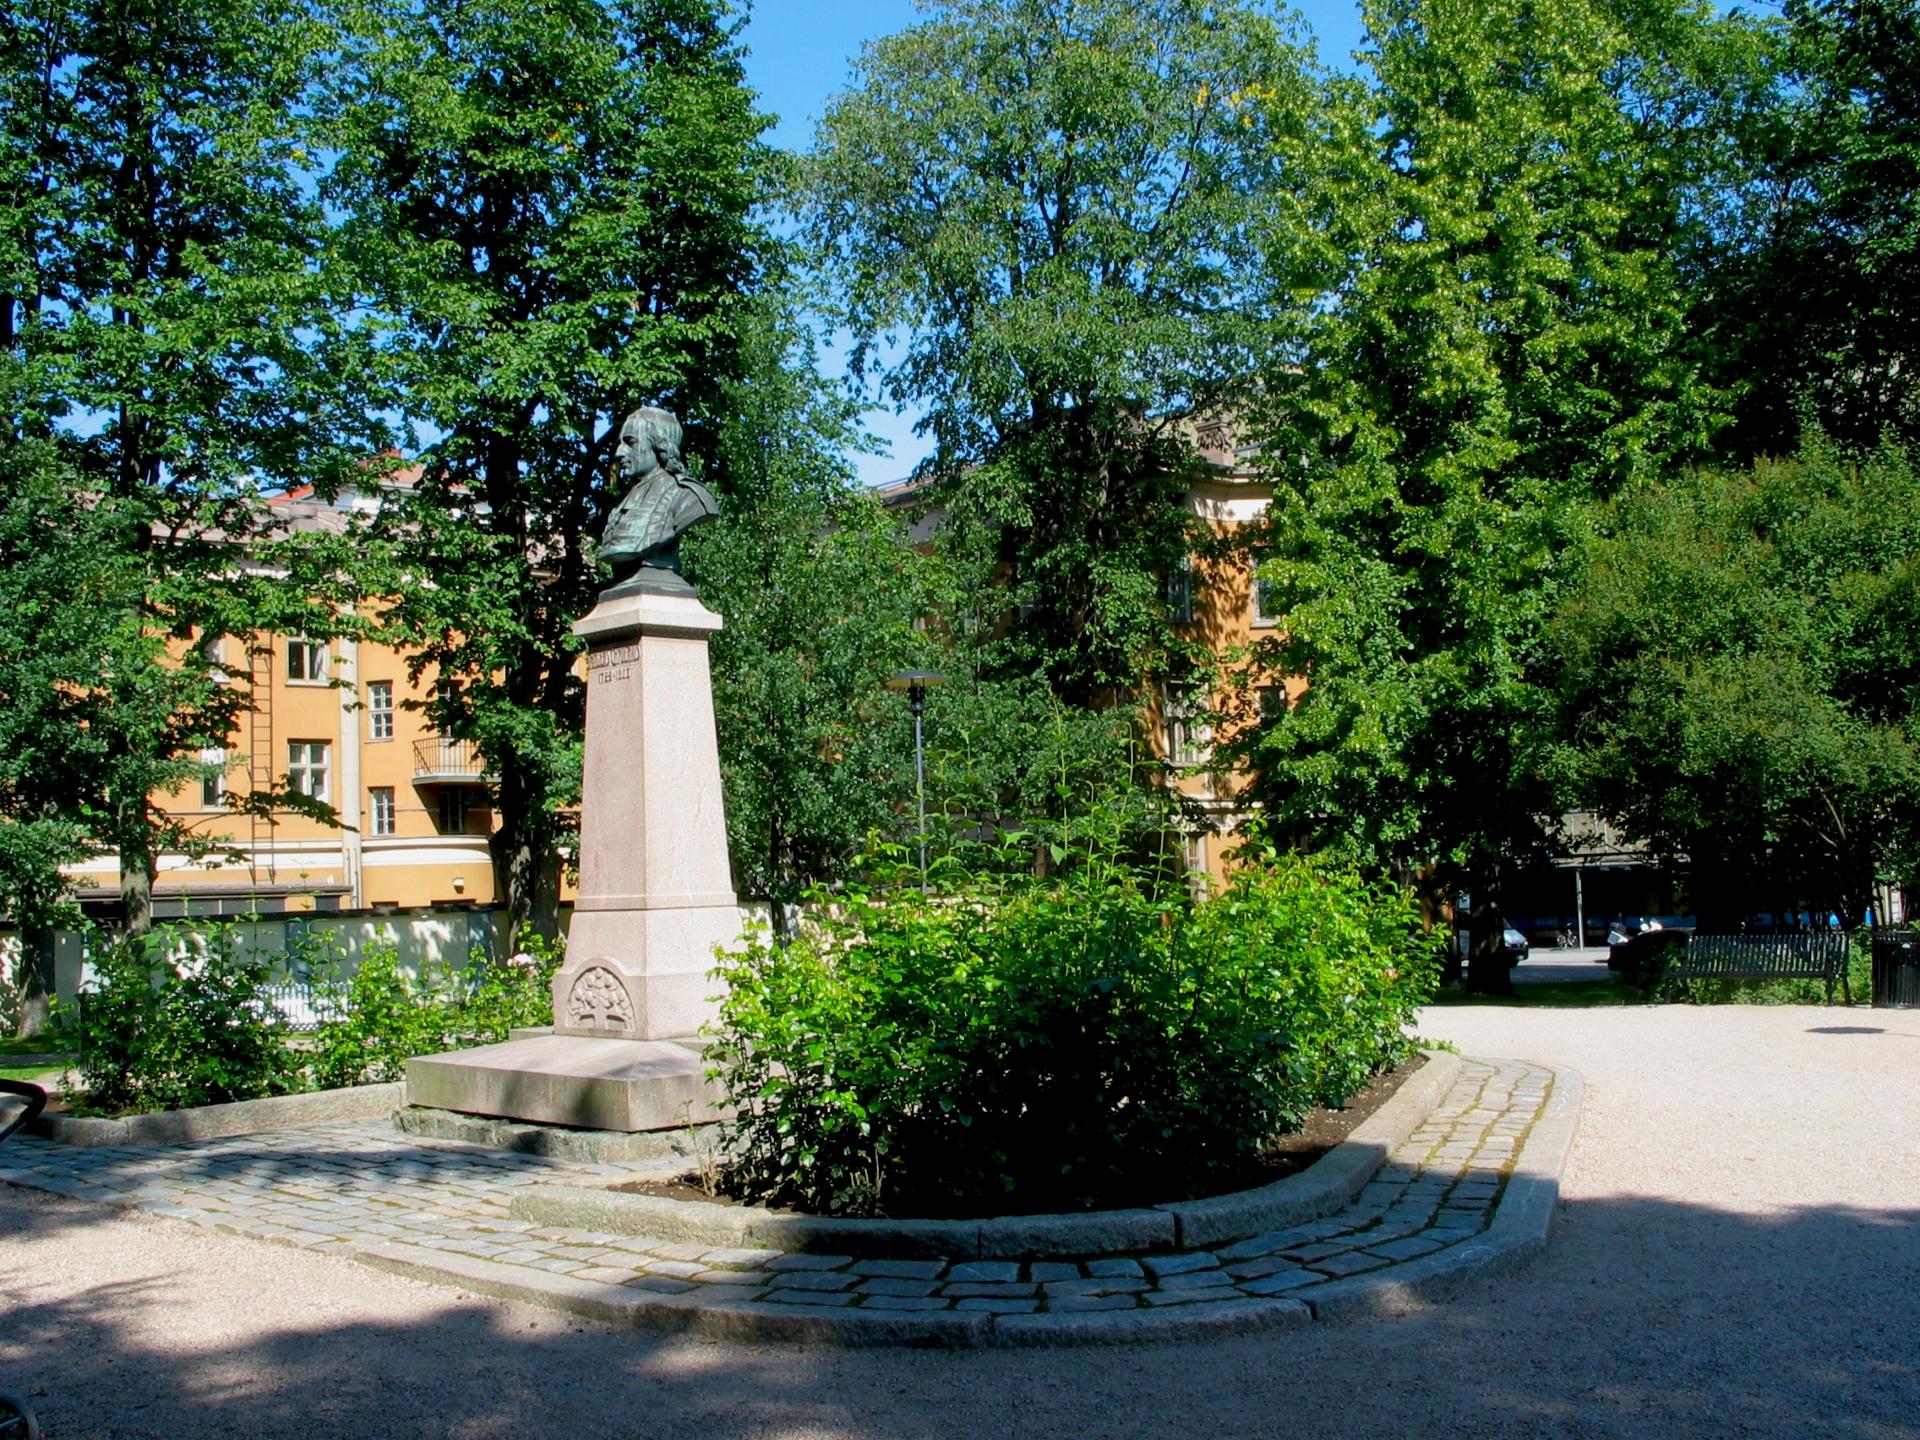 Chydeniuksen puisto kesäisenä päivänä. Anders Chydeniuksen patsaaseen loistaa aurinko.